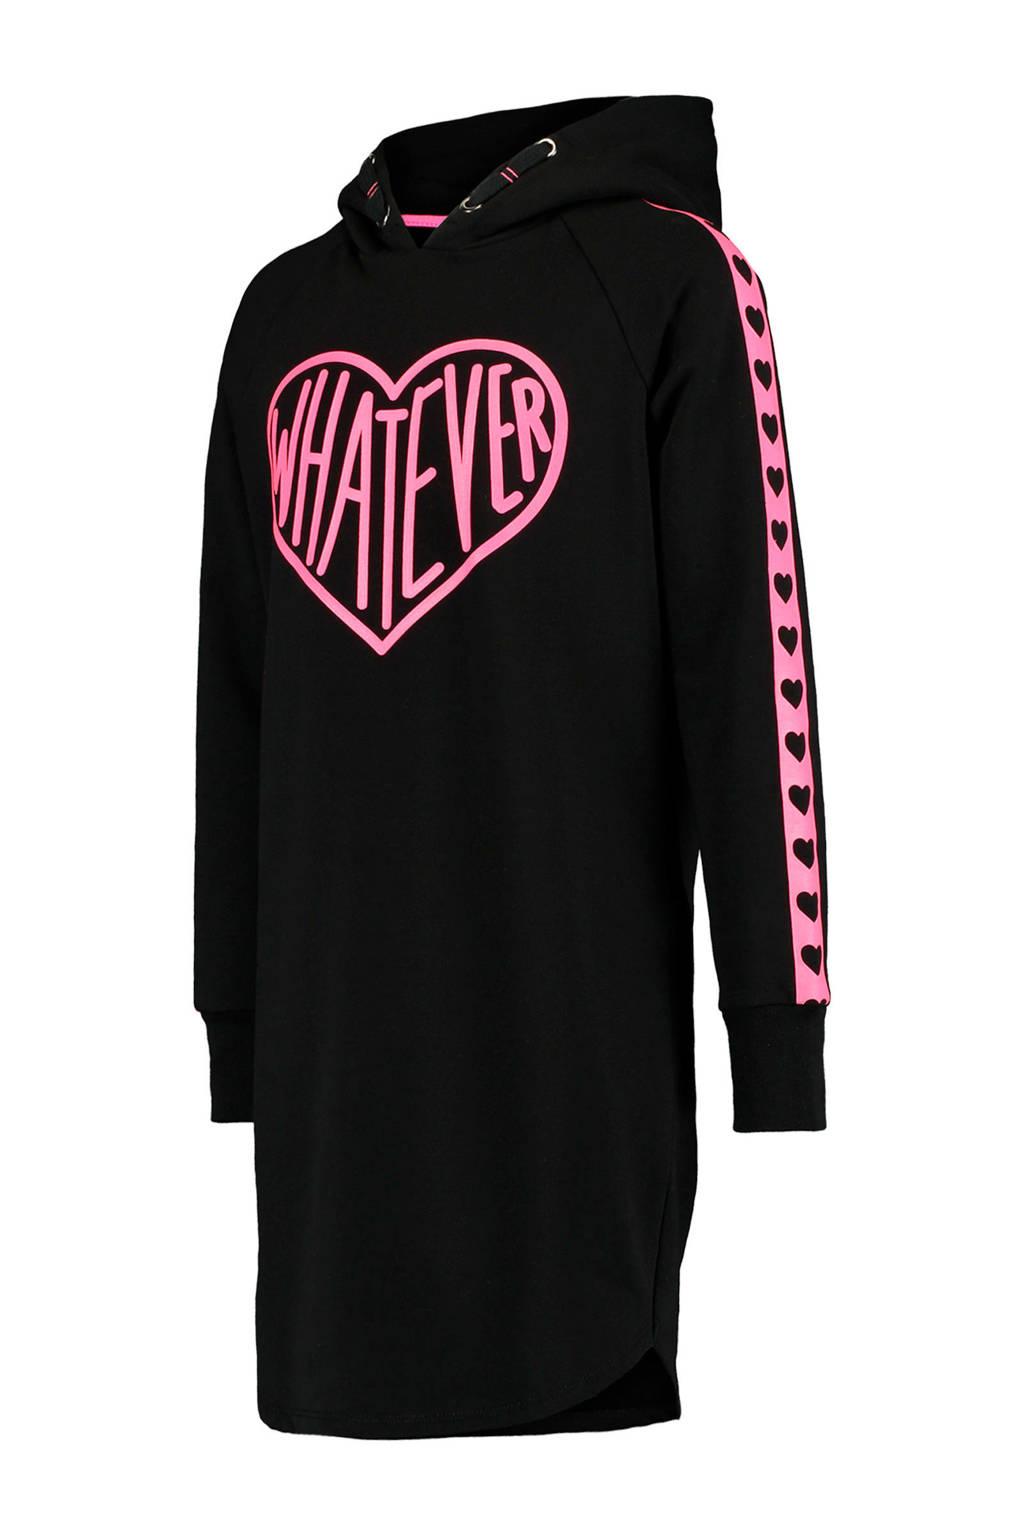 CoolCat Junior sweatjurk Dianne met contrastbies zwart/roze, Zwart/roze